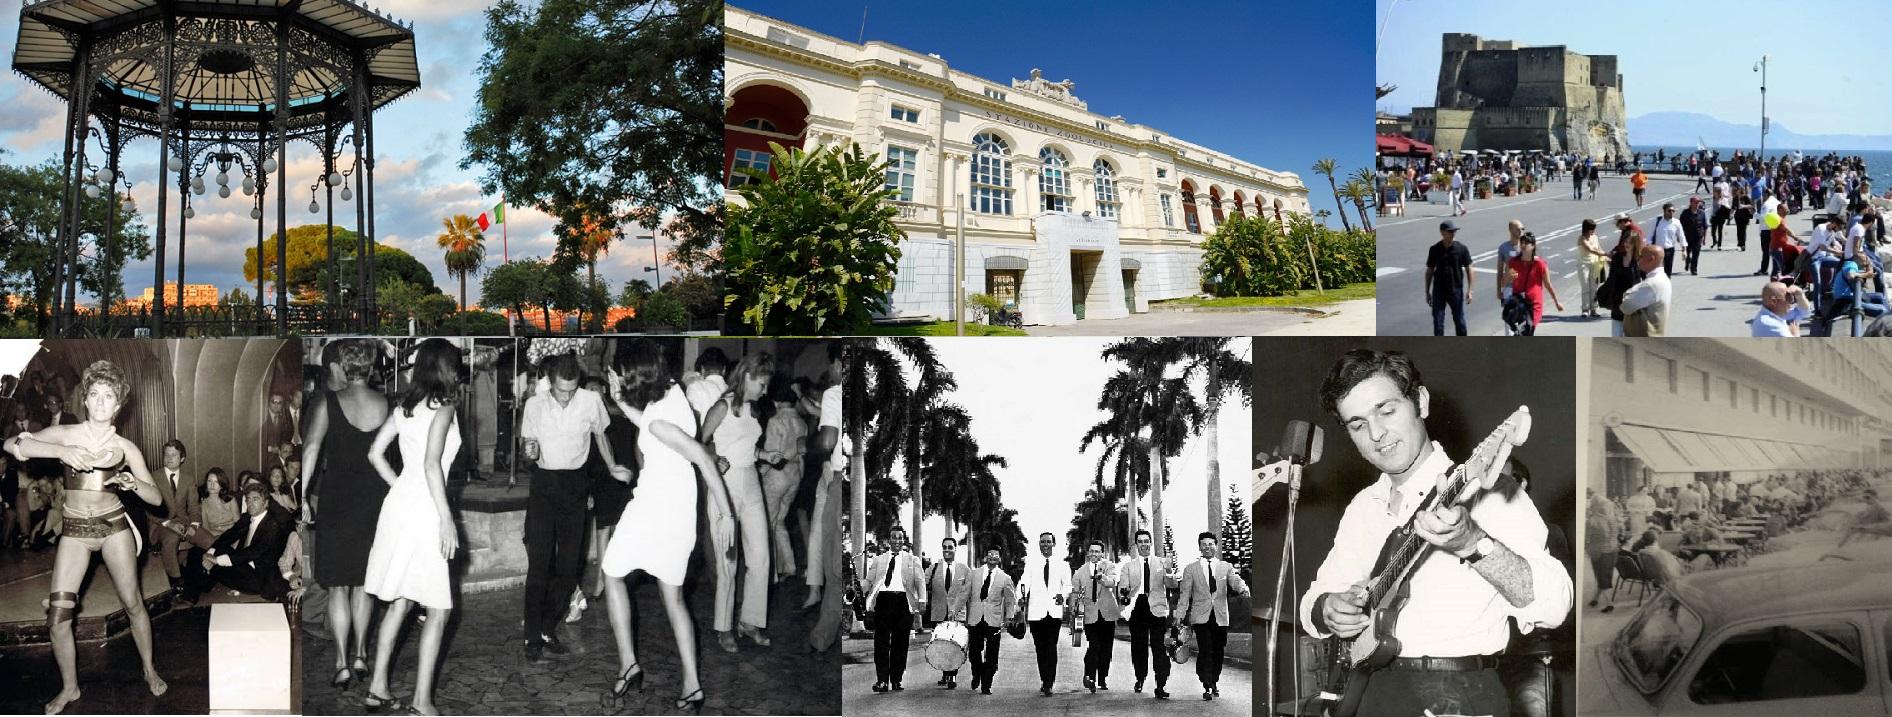 Napoli, Villa Comunale, Lungomare e Night Club: